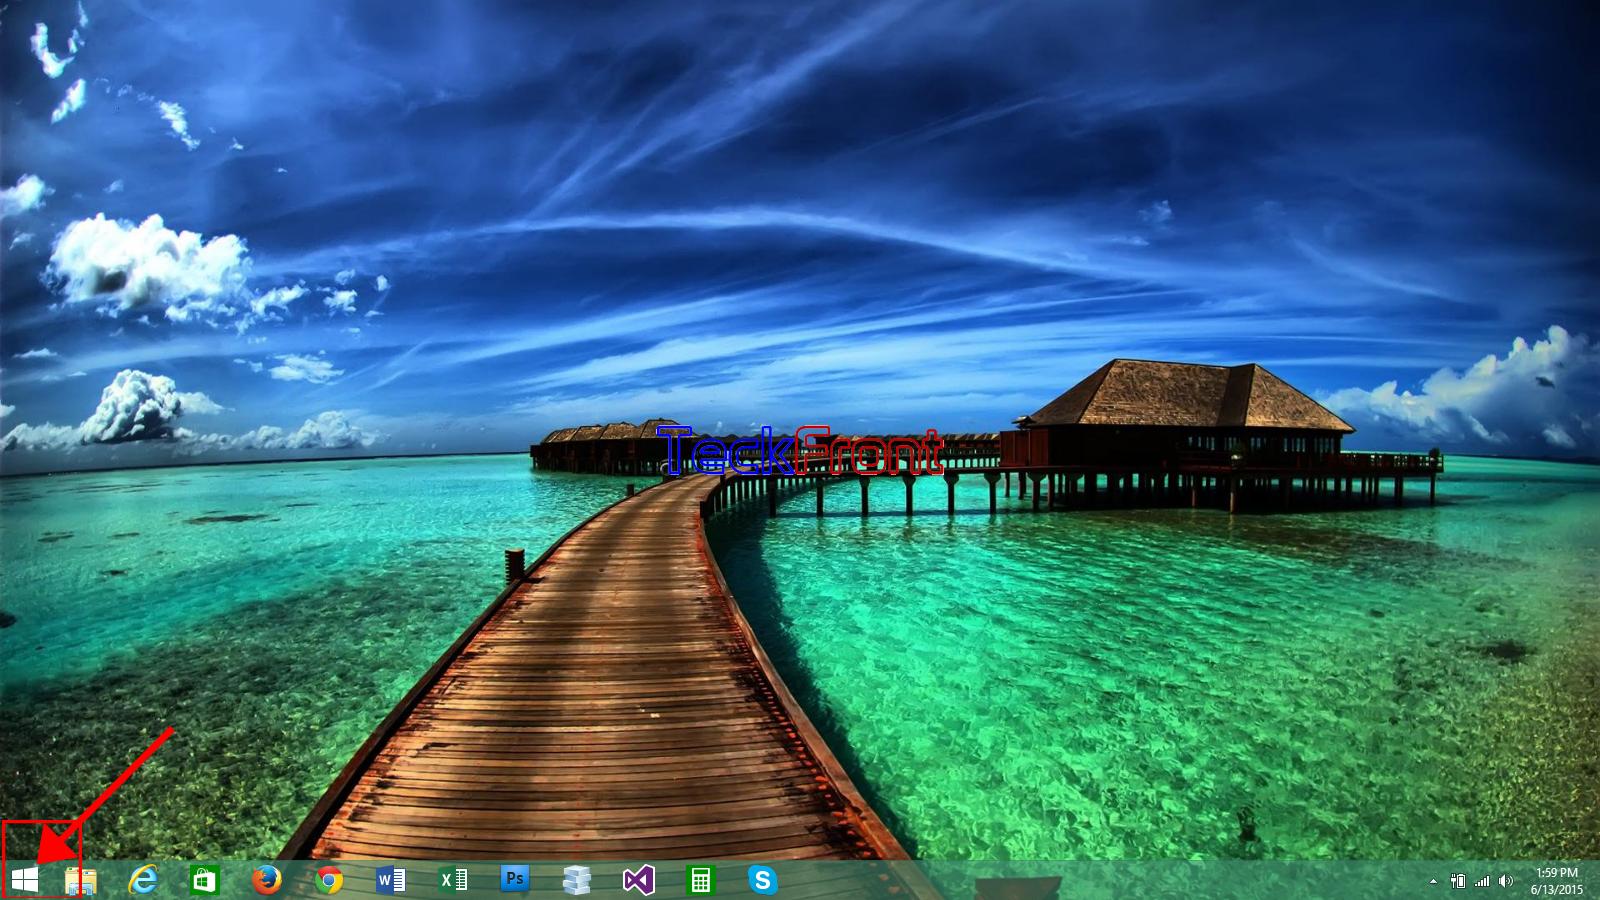 Windows8.1ShutDown1